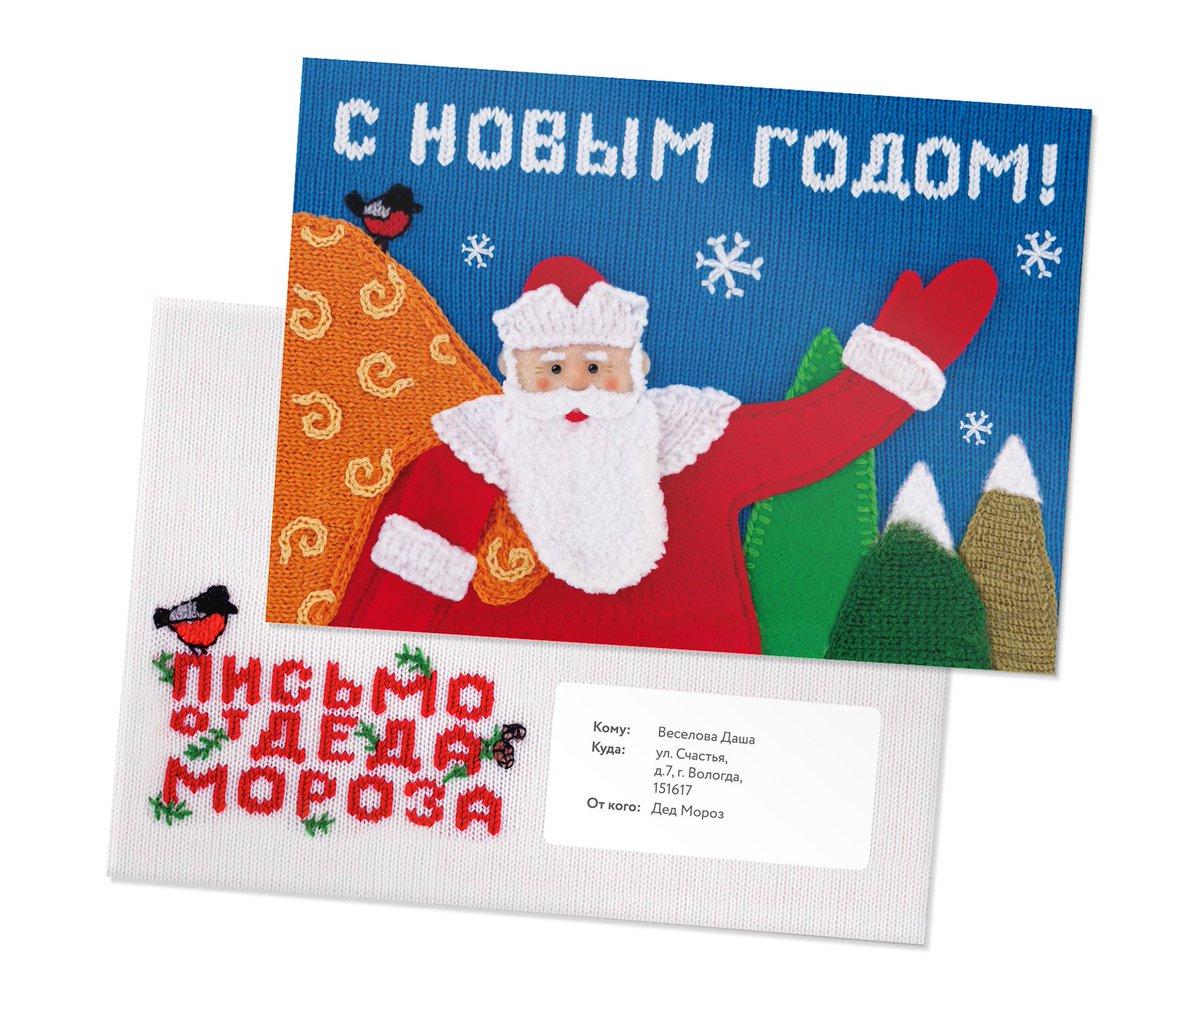 Заказать поздравление от деда мороза по почте